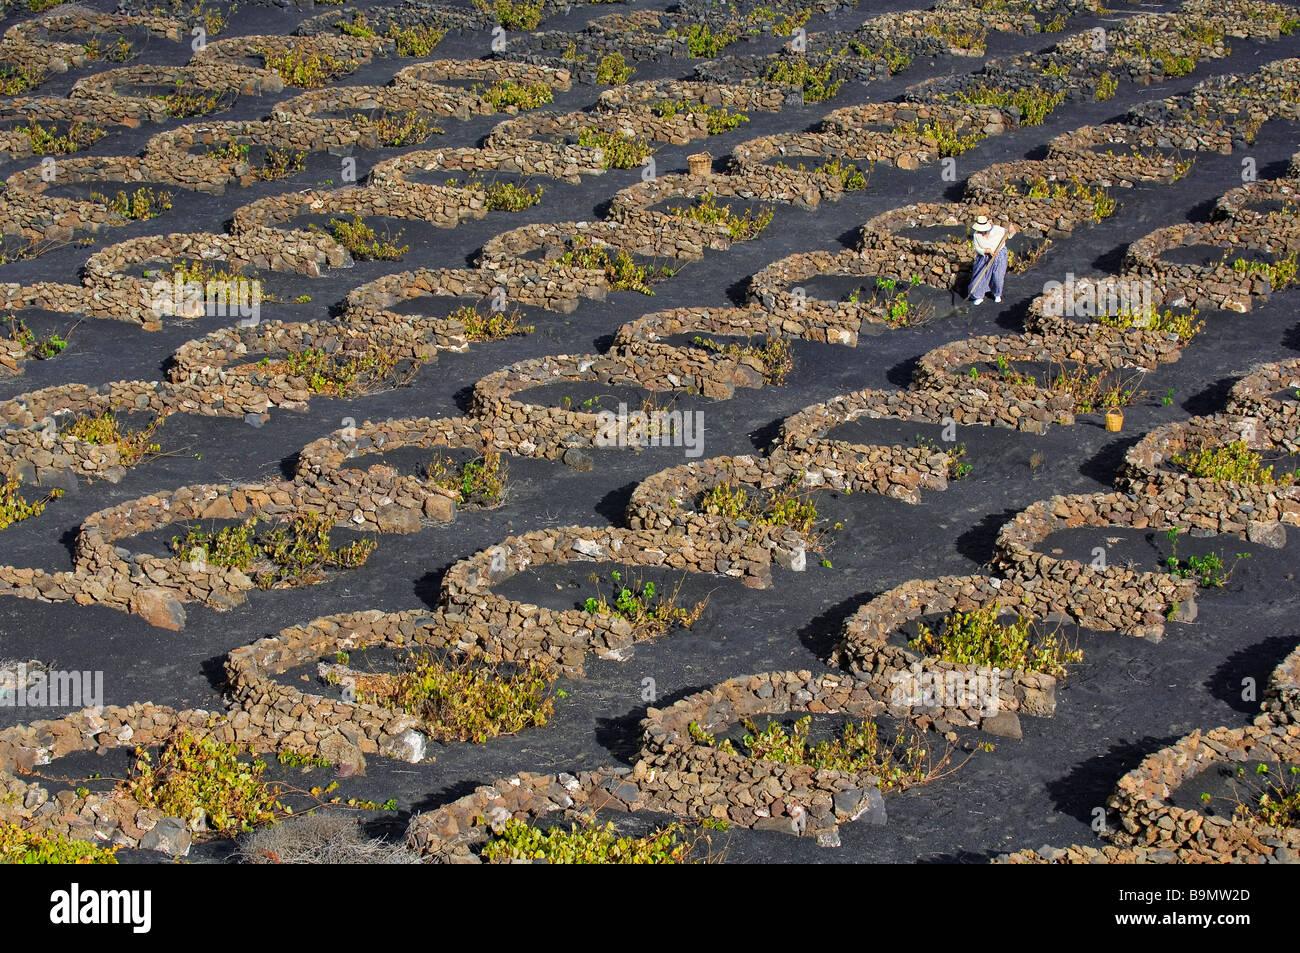 Biosphäre, Insel Lanzarote, Kanarische Inseln, Spanien reservieren, Biosphärenreservat, La Geria, Bauer Stockbild